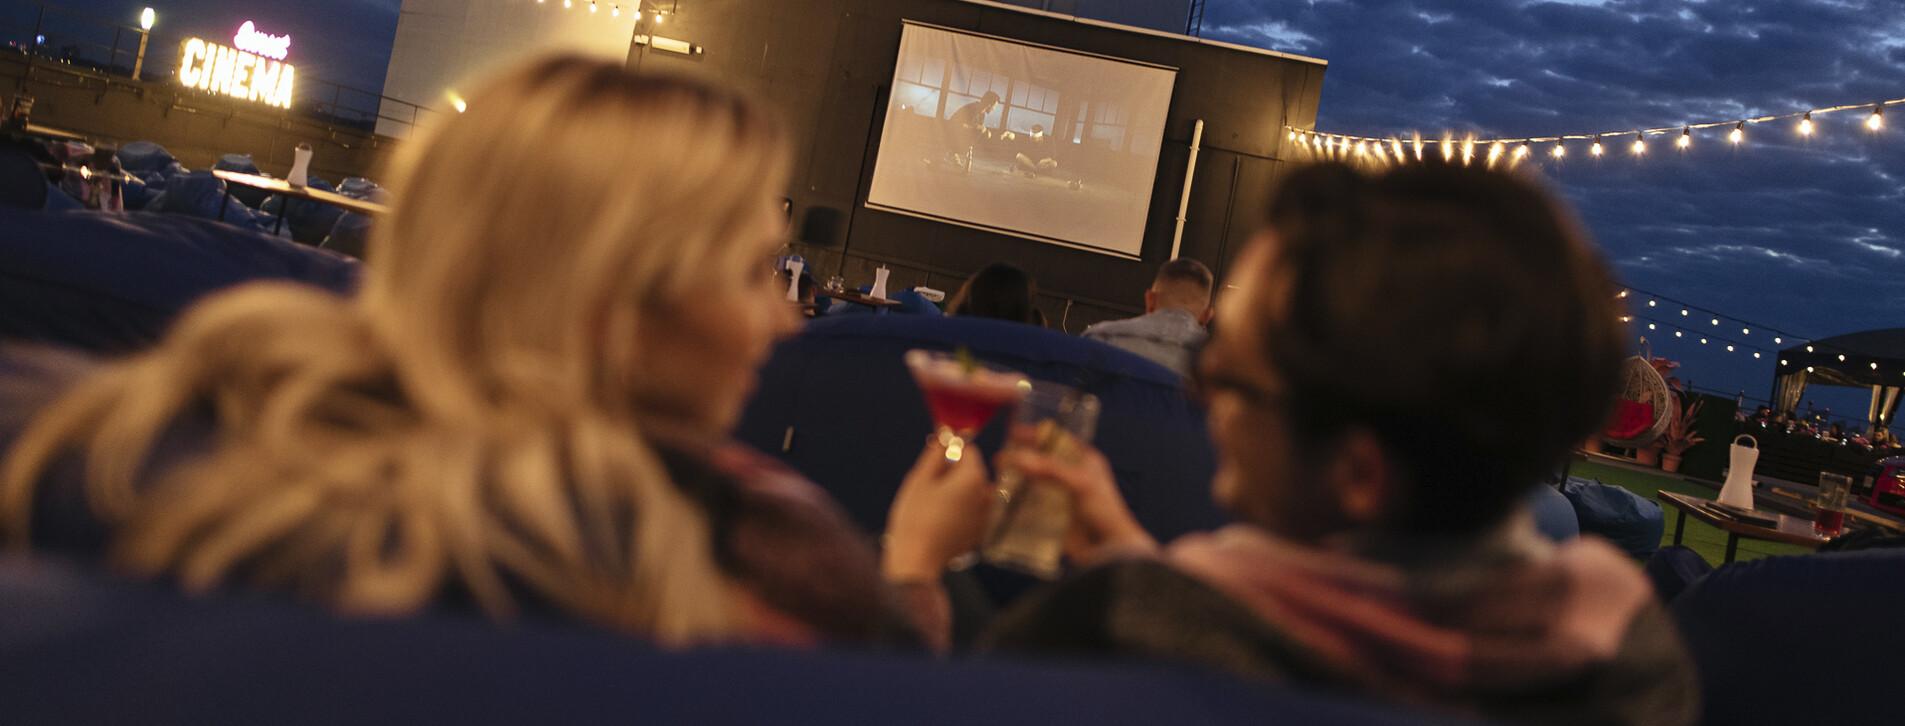 Фото 1 - Кинотеатр на крыше для двоих